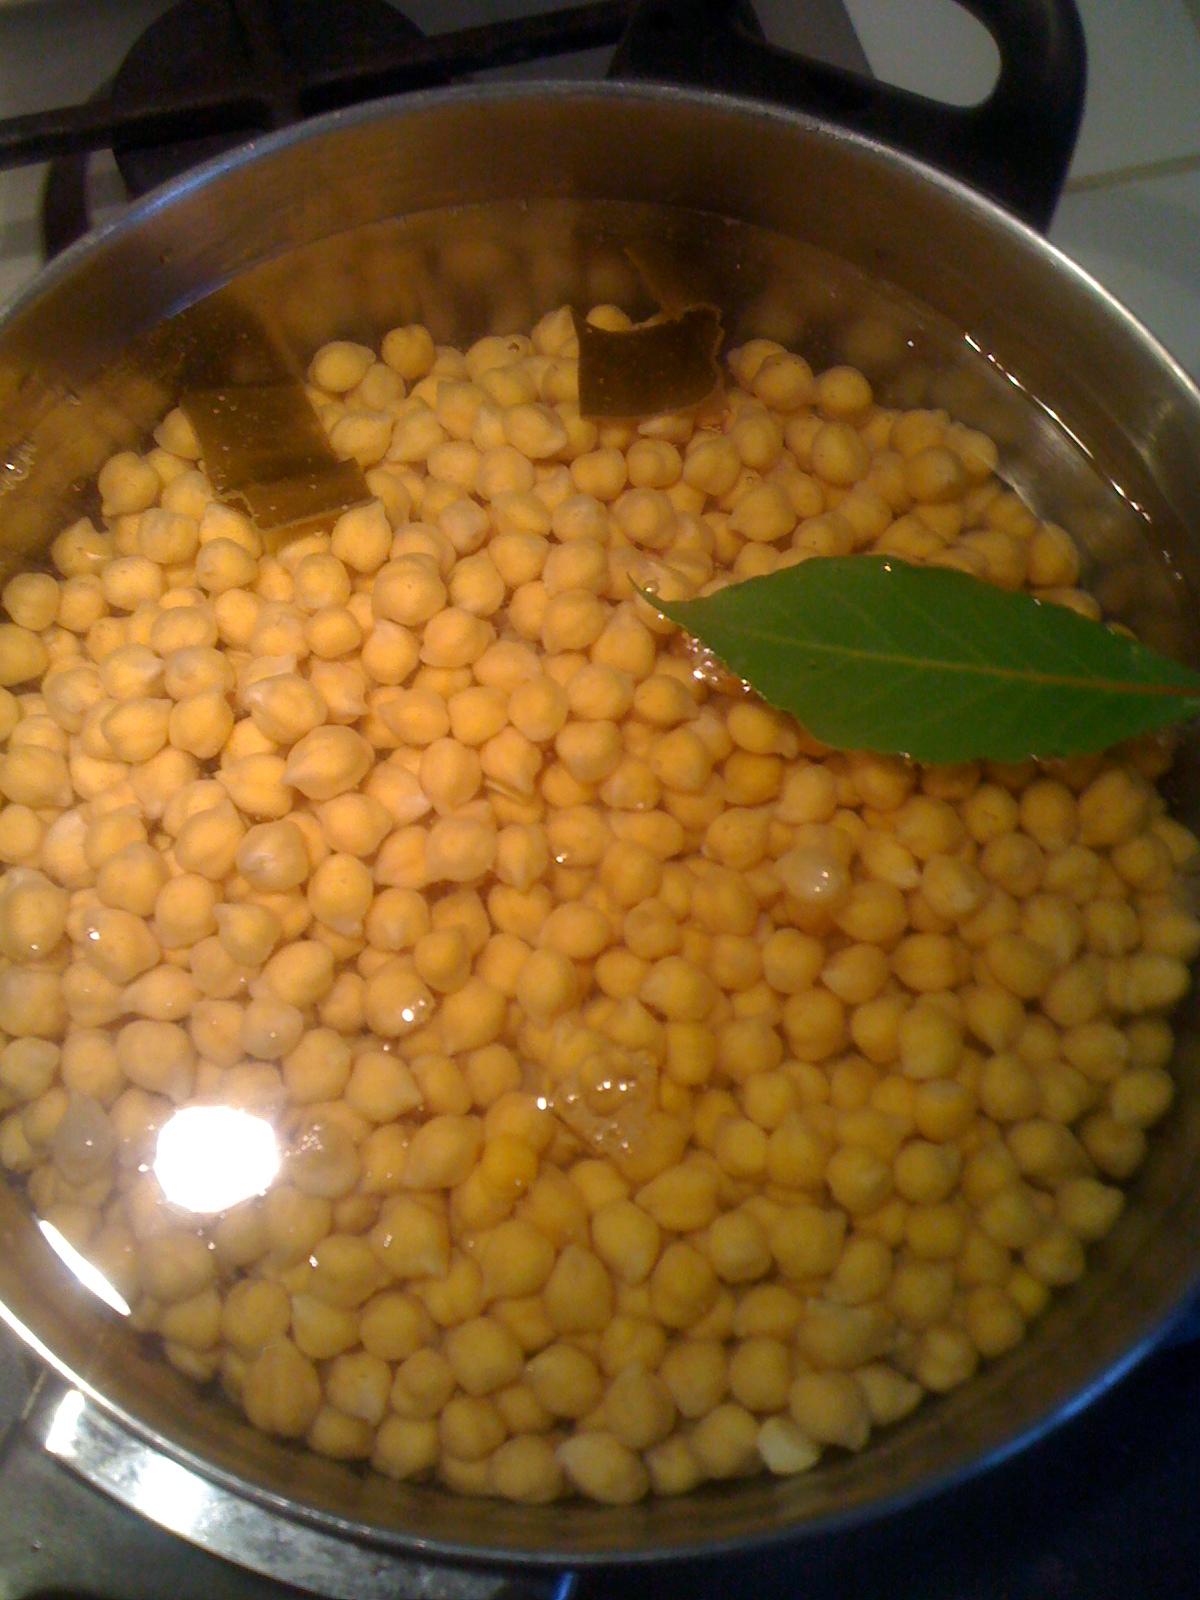 Mammarum: Bignami dei legumi: l\'ammollo e come renderli più digeribili